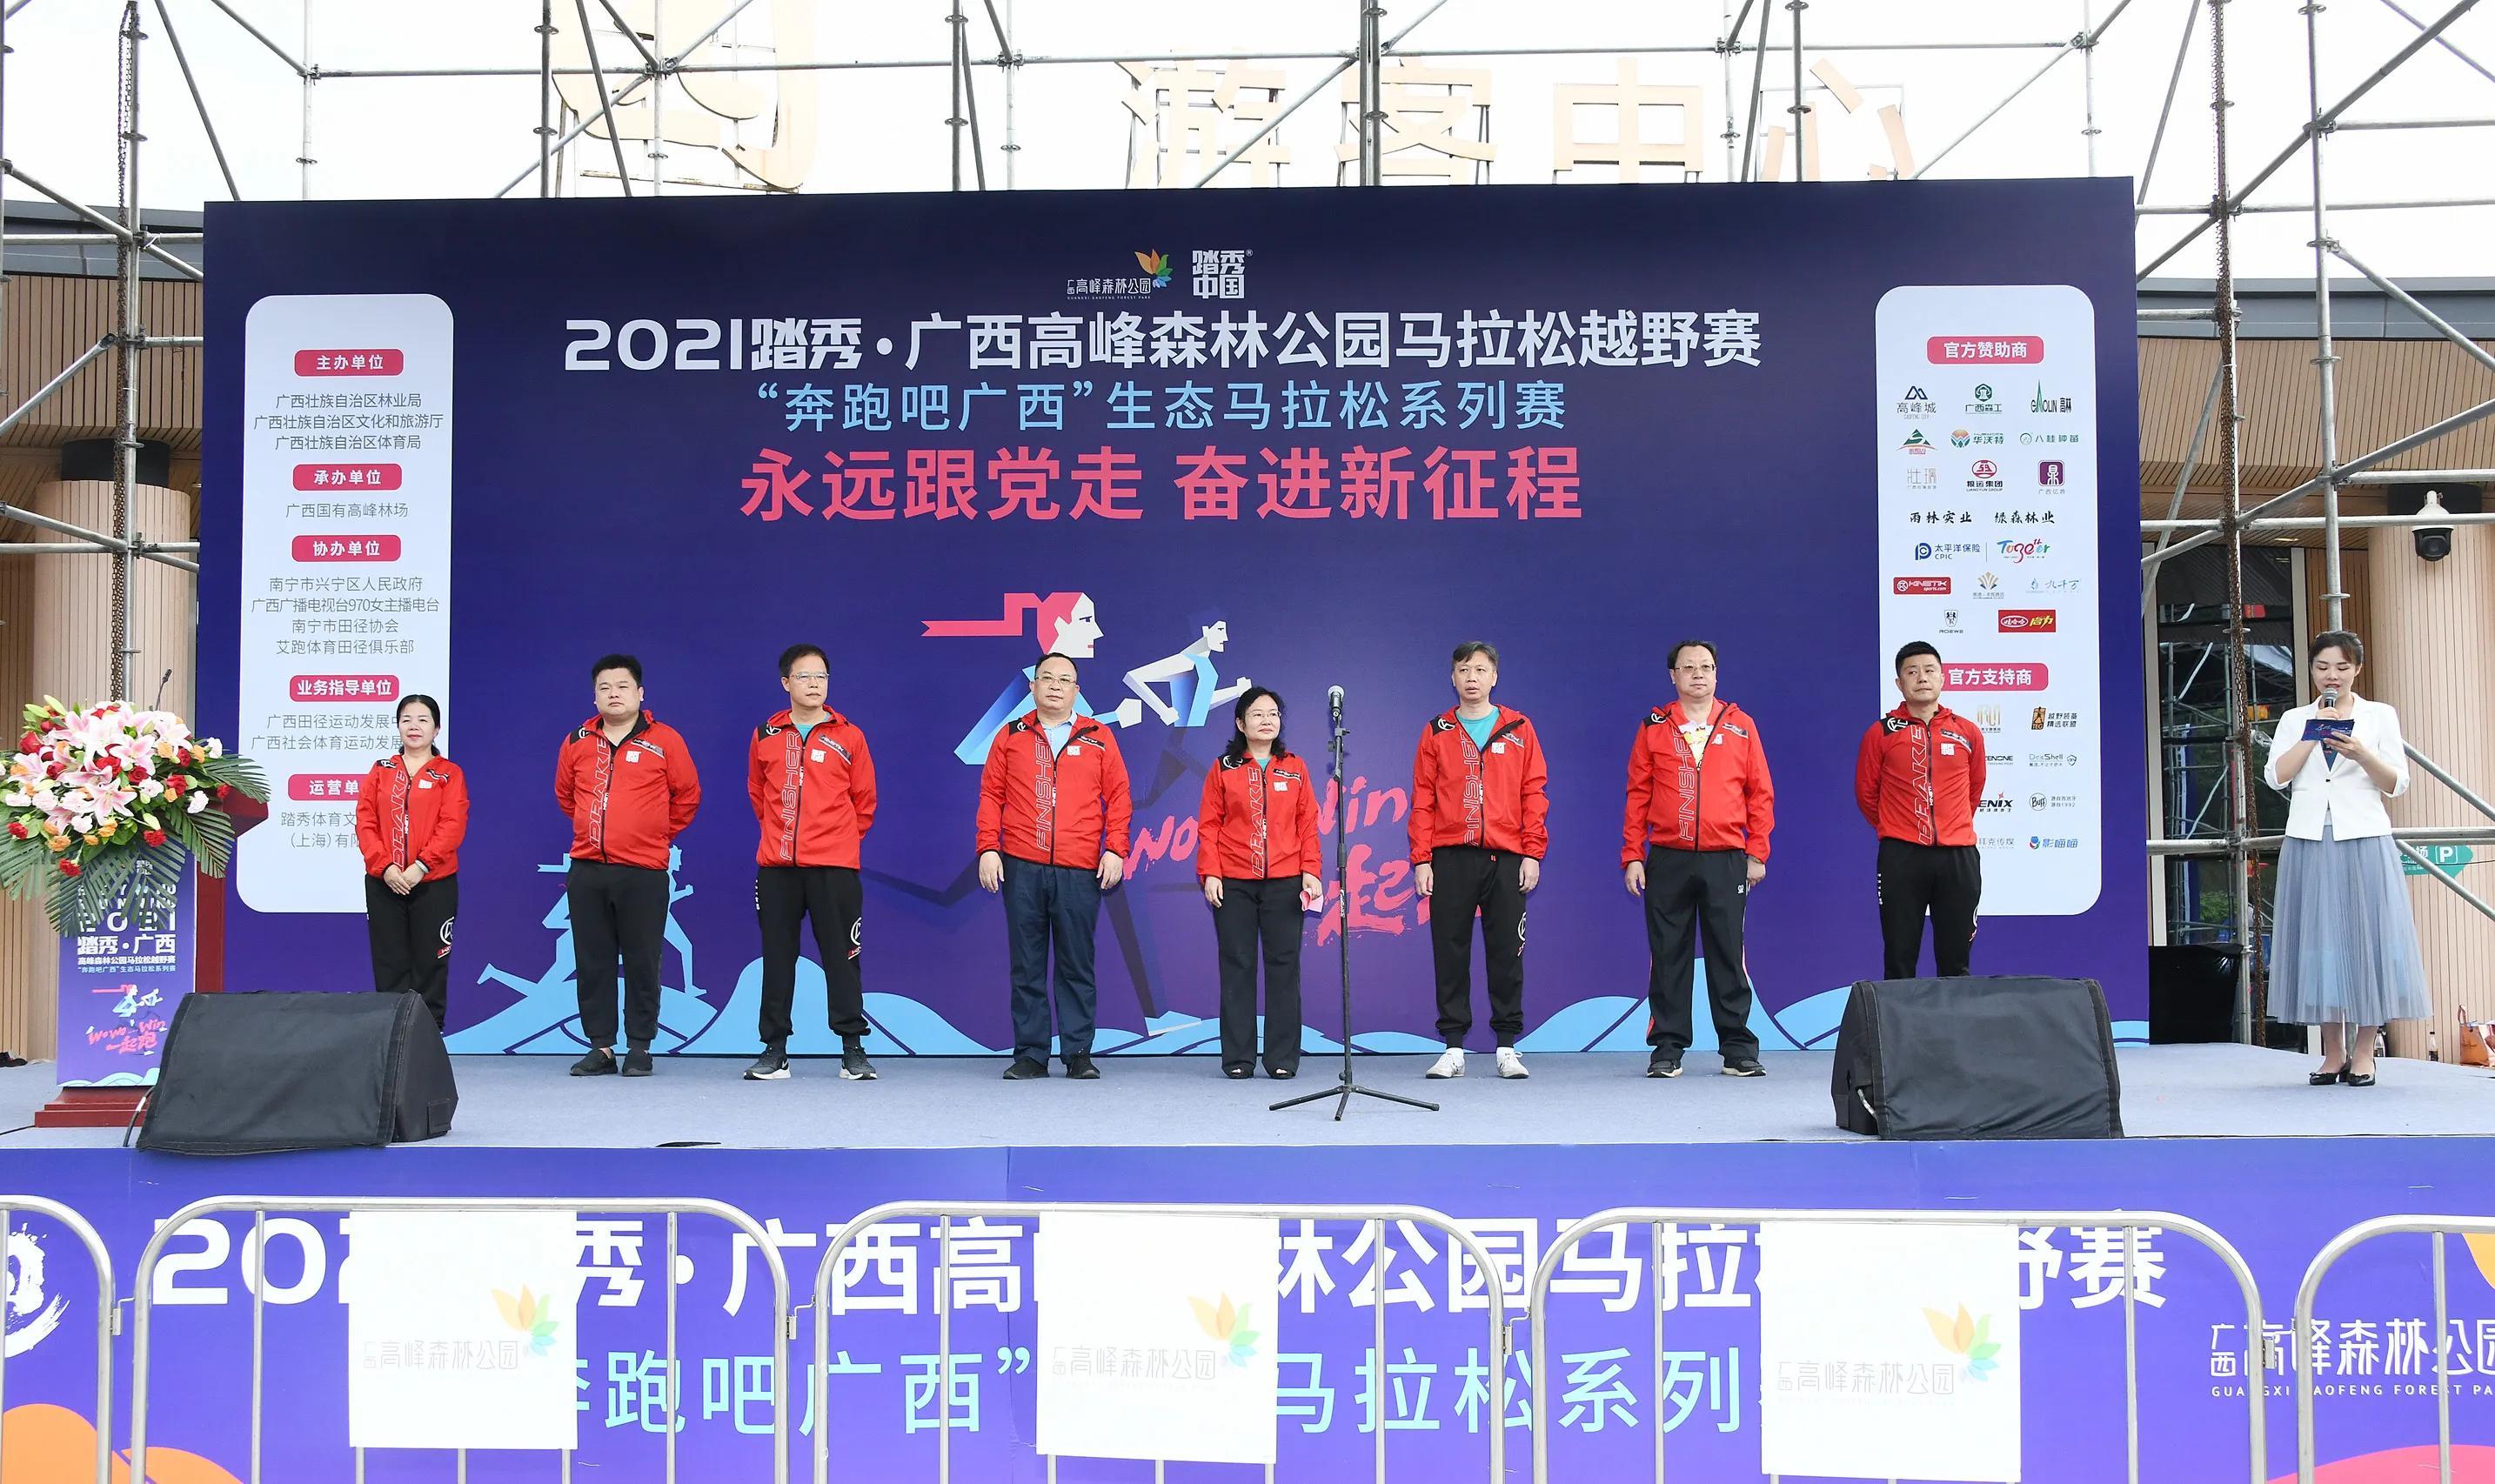 2021踏秀·广西高峰森林公园马拉松越野赛开跑